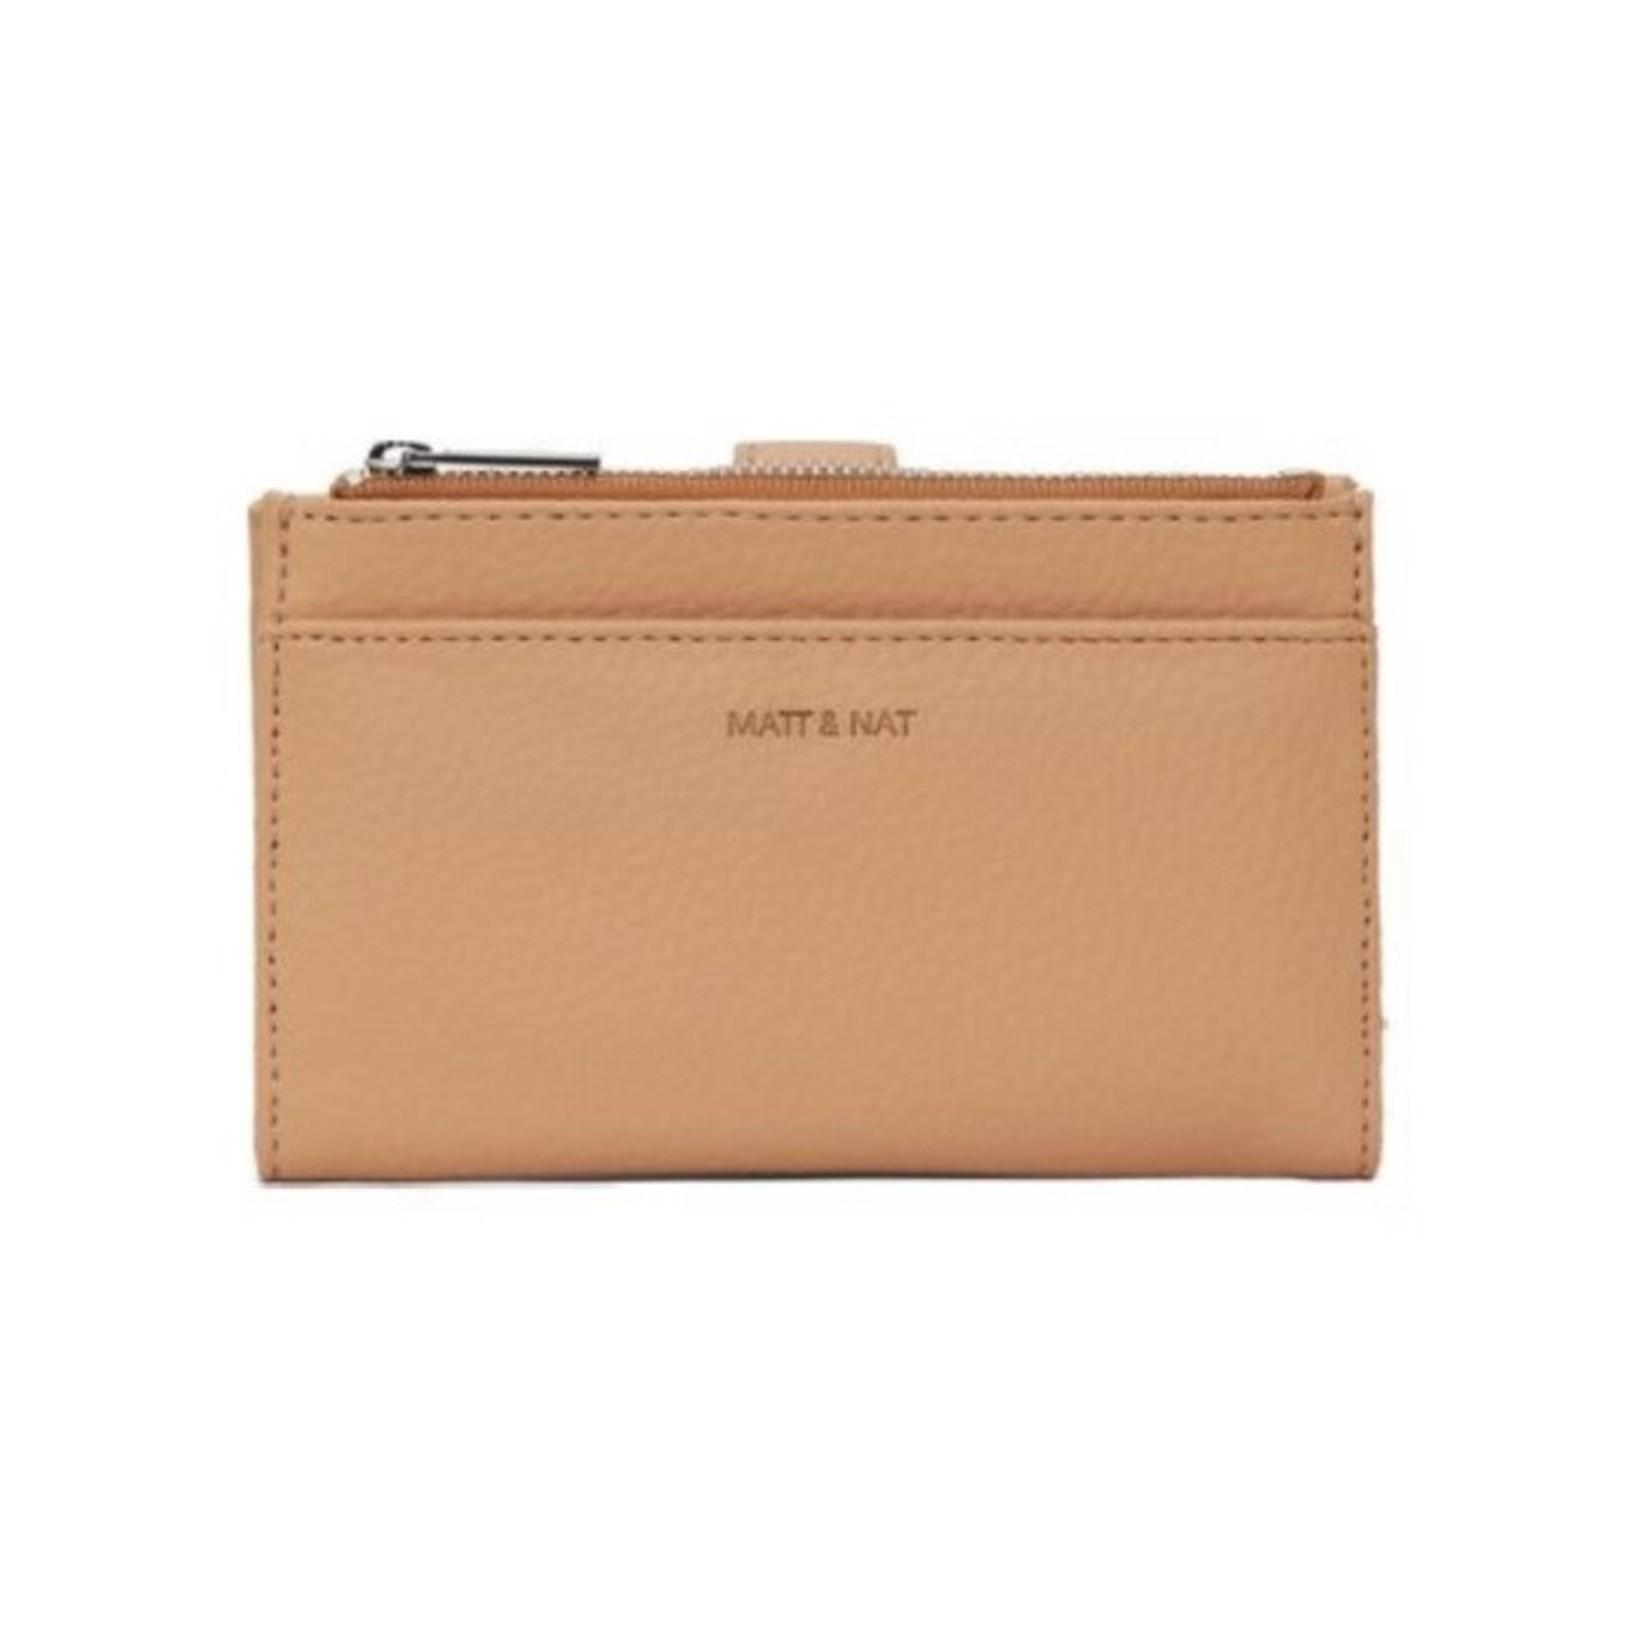 matt & nat Motiv Purity Wallet SM